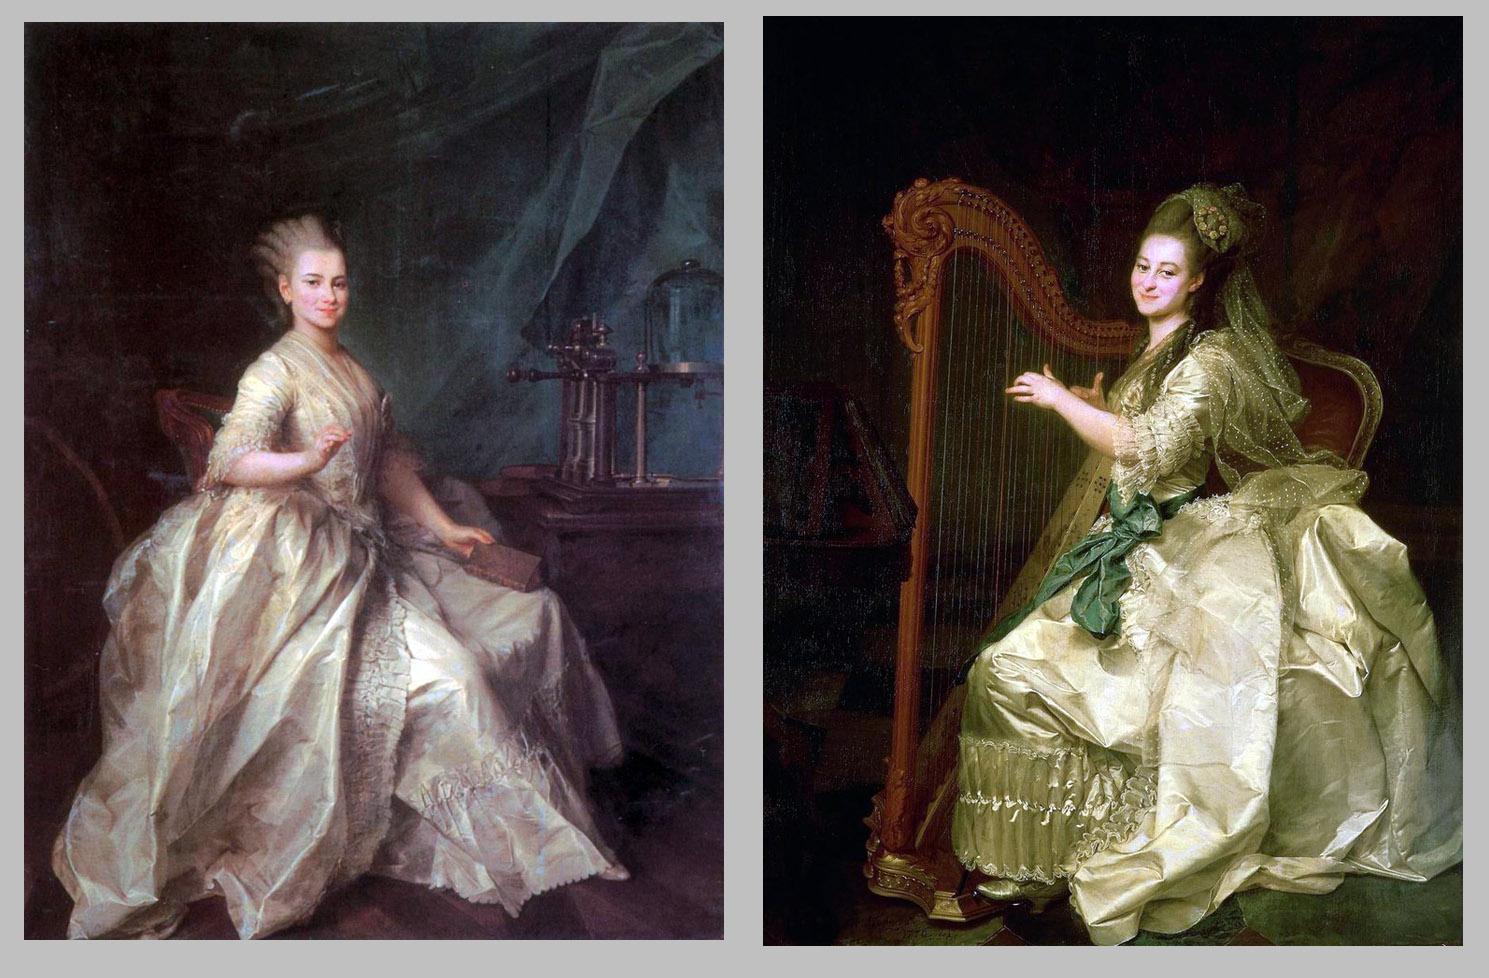 Д.Г. Левицкий. Портрет смолянок Е.И. Молченовой и Г.И. Алымовой. 1776